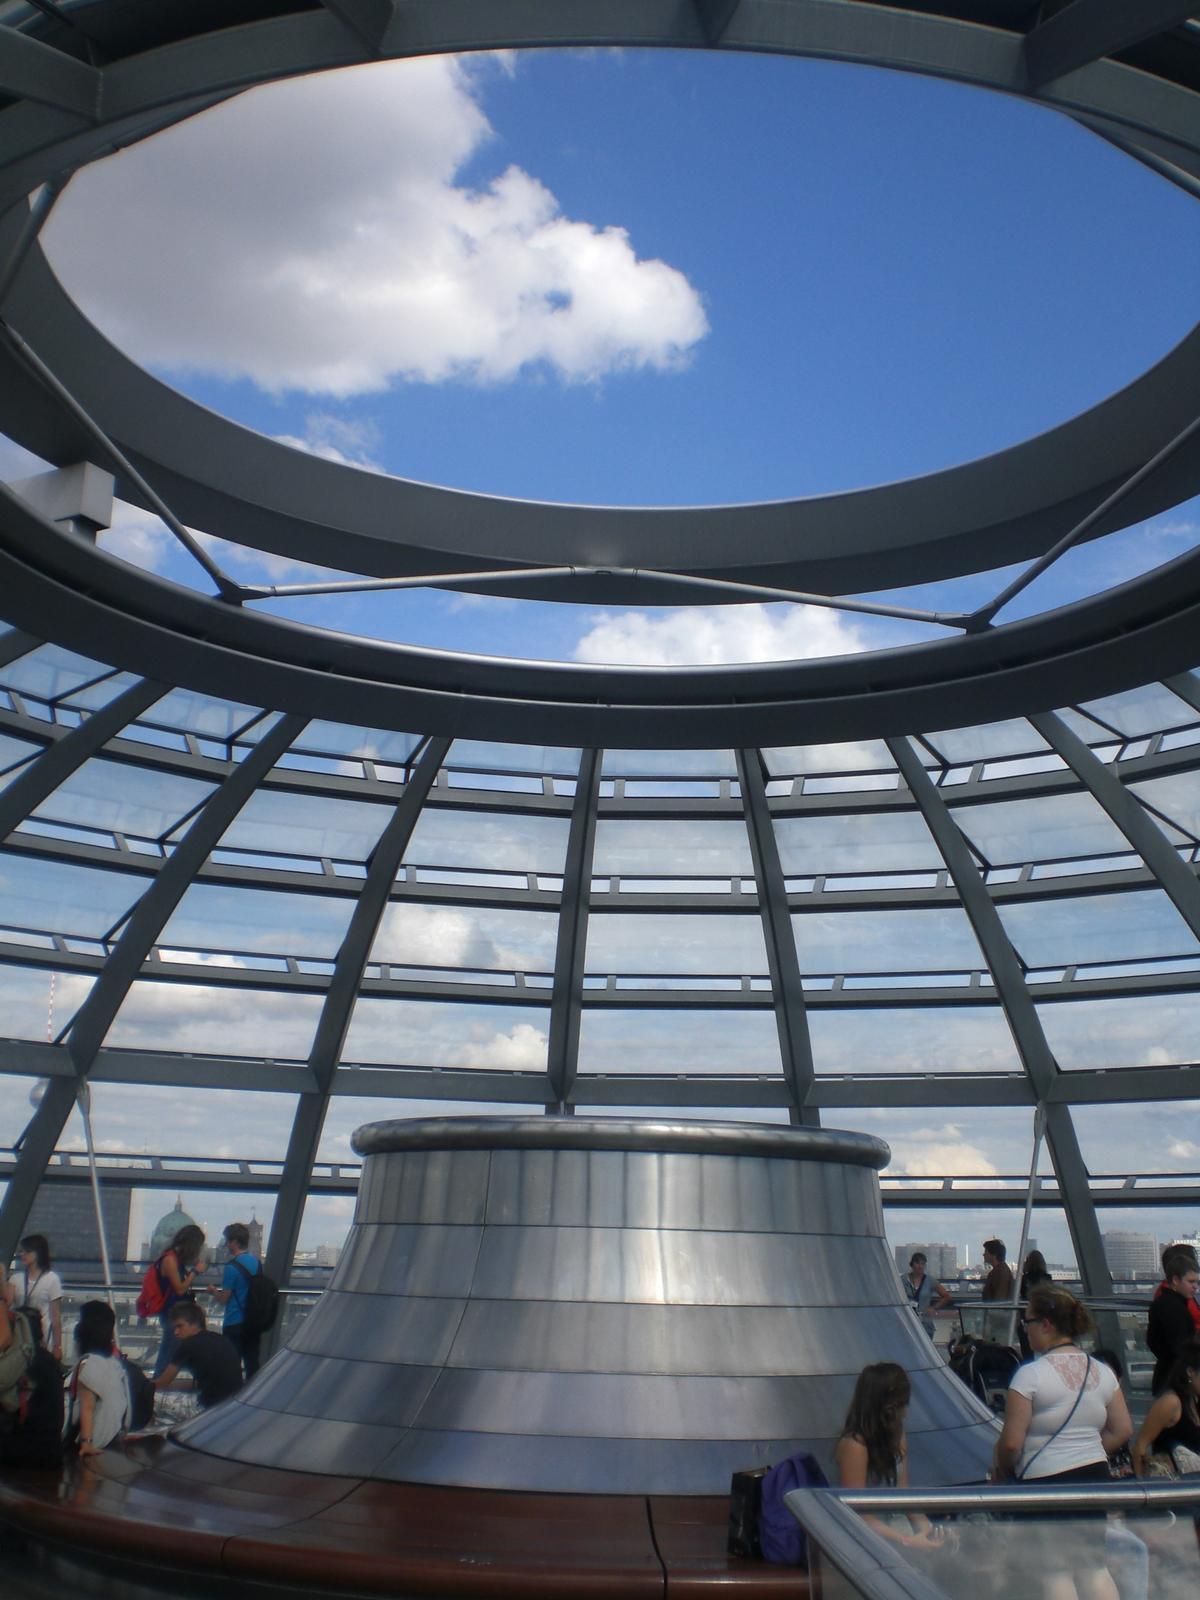 reichstag7 Visit the Reichstag in Berlin